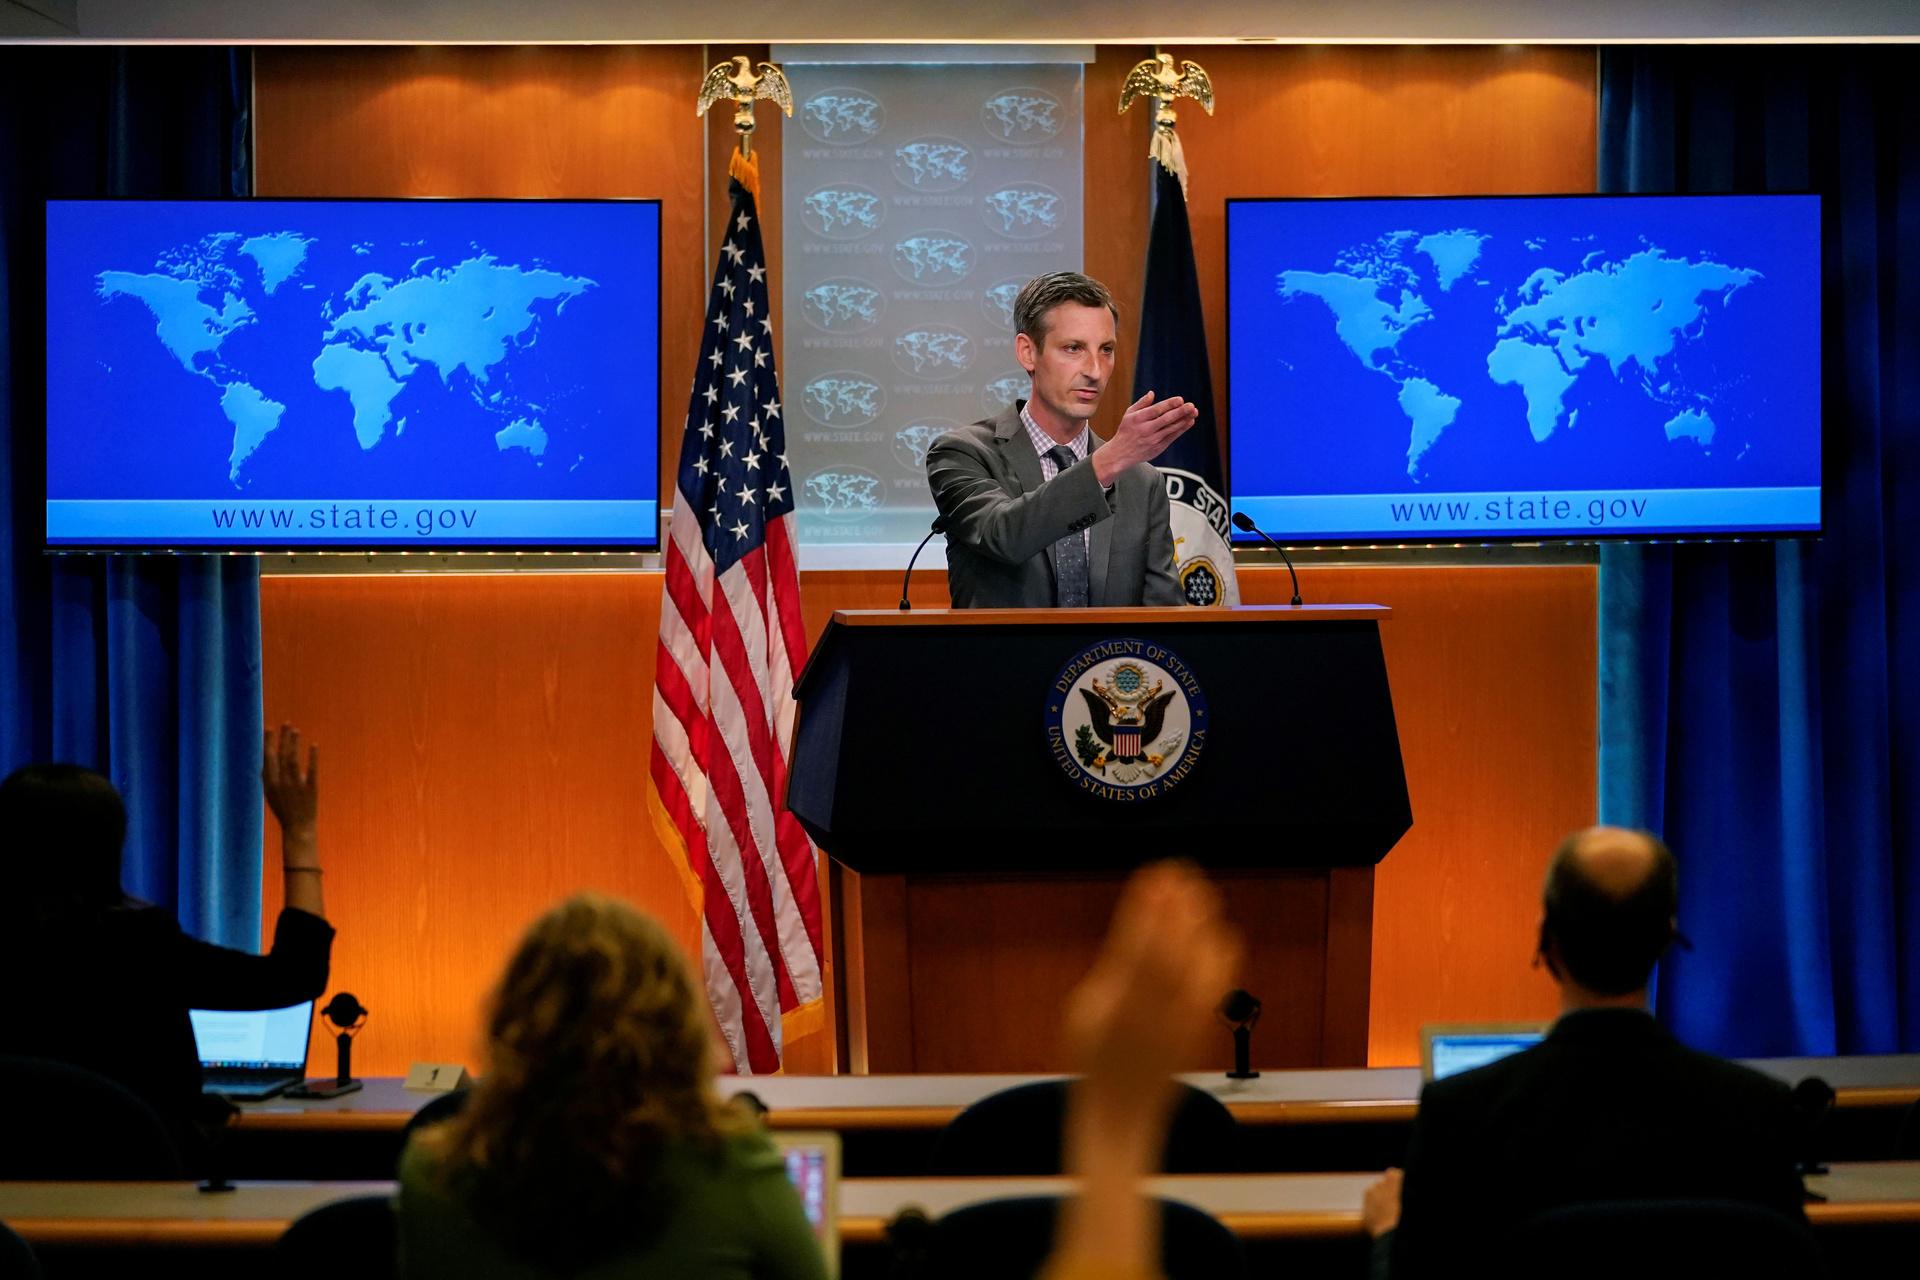 «Военное присутствие у границ России»: Шойгу заявил о провокационной деятельности США и НАТО в акватории Чёрного моря